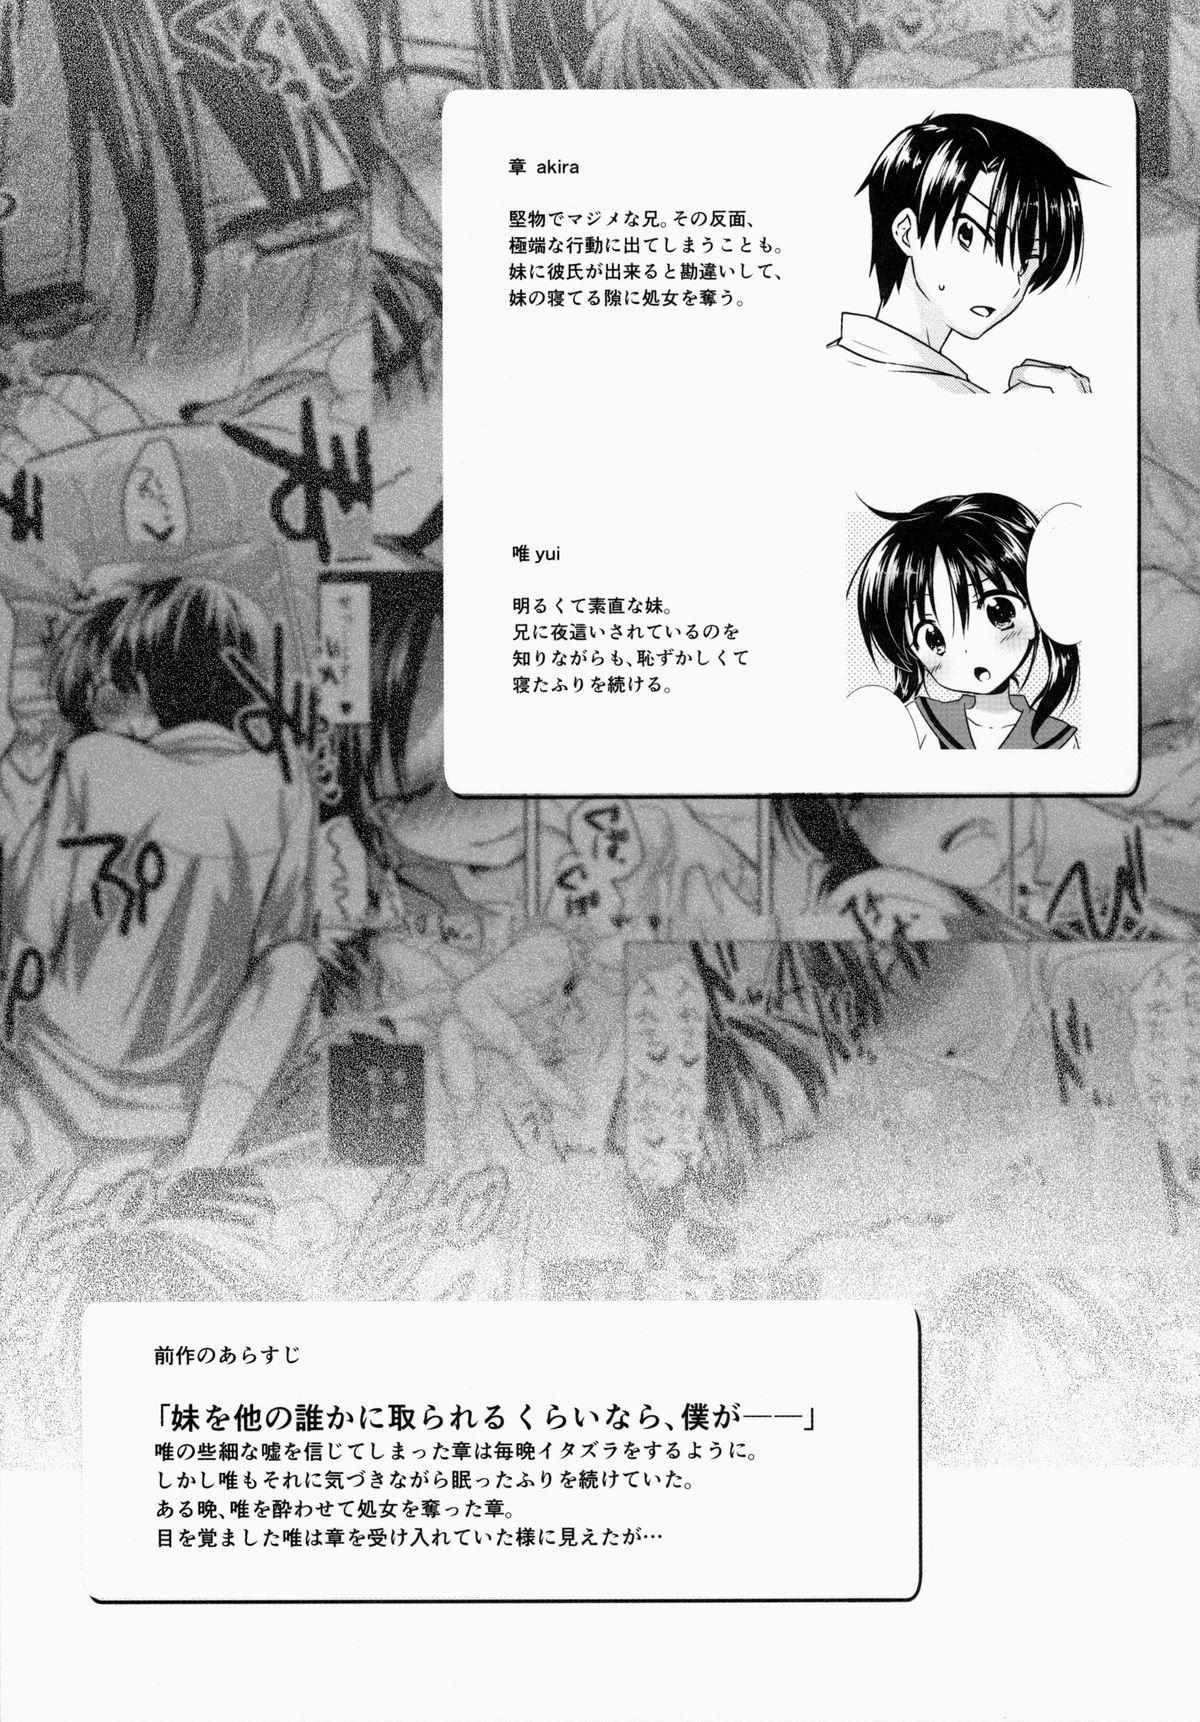 Oyasumi Sex am2:00 4